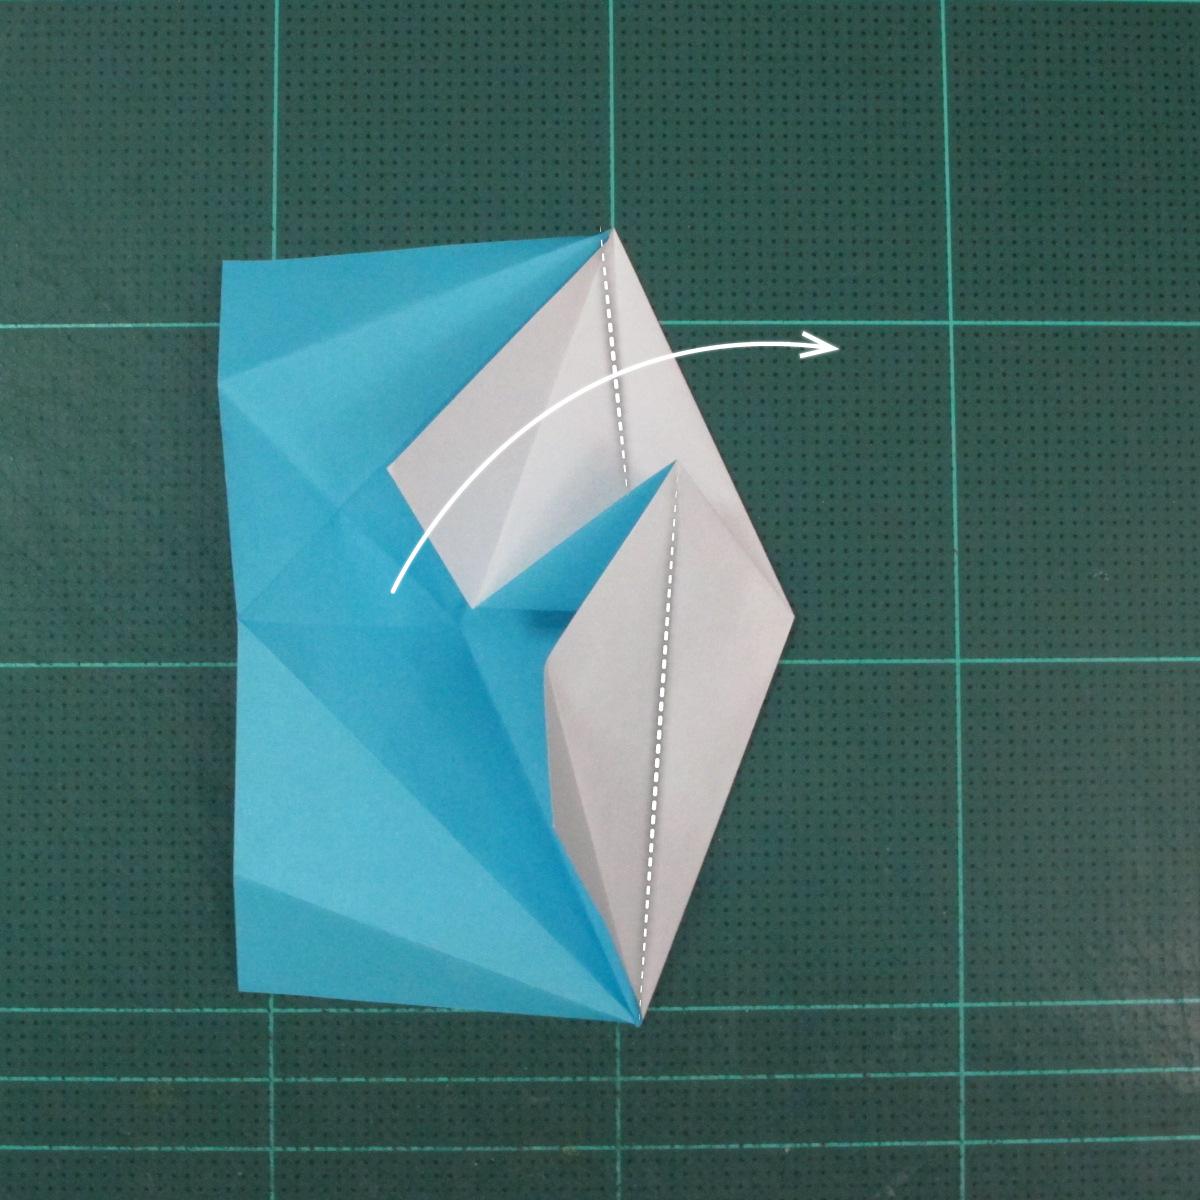 วิธีพับกระดาษเป็นถาดใส่ขนมรูปดาวแปดแฉก (Origami Eight Point Star Candy Tray) 010